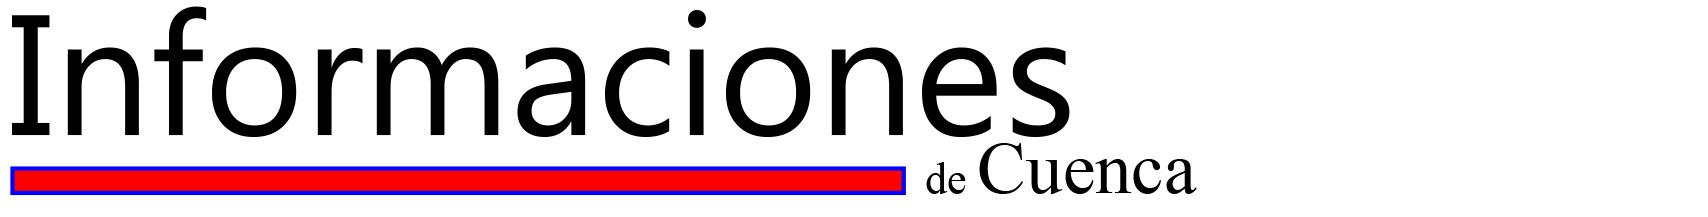 Informaciones de Cuenca